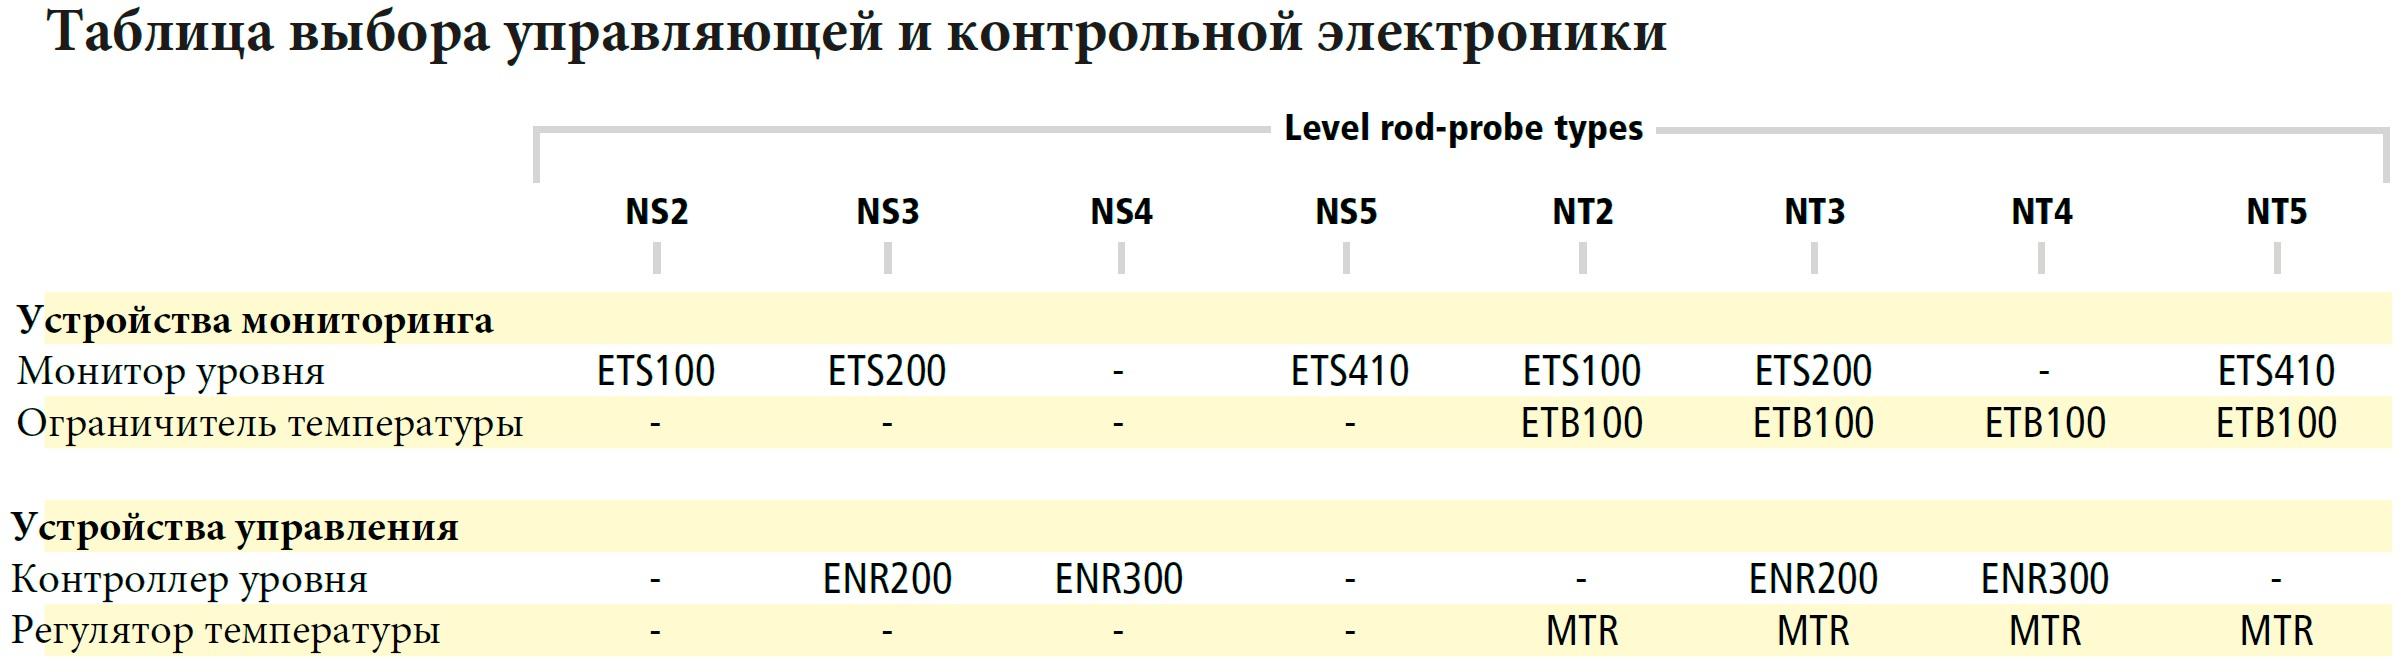 Таблица выбора управляющей и контрольной электроники